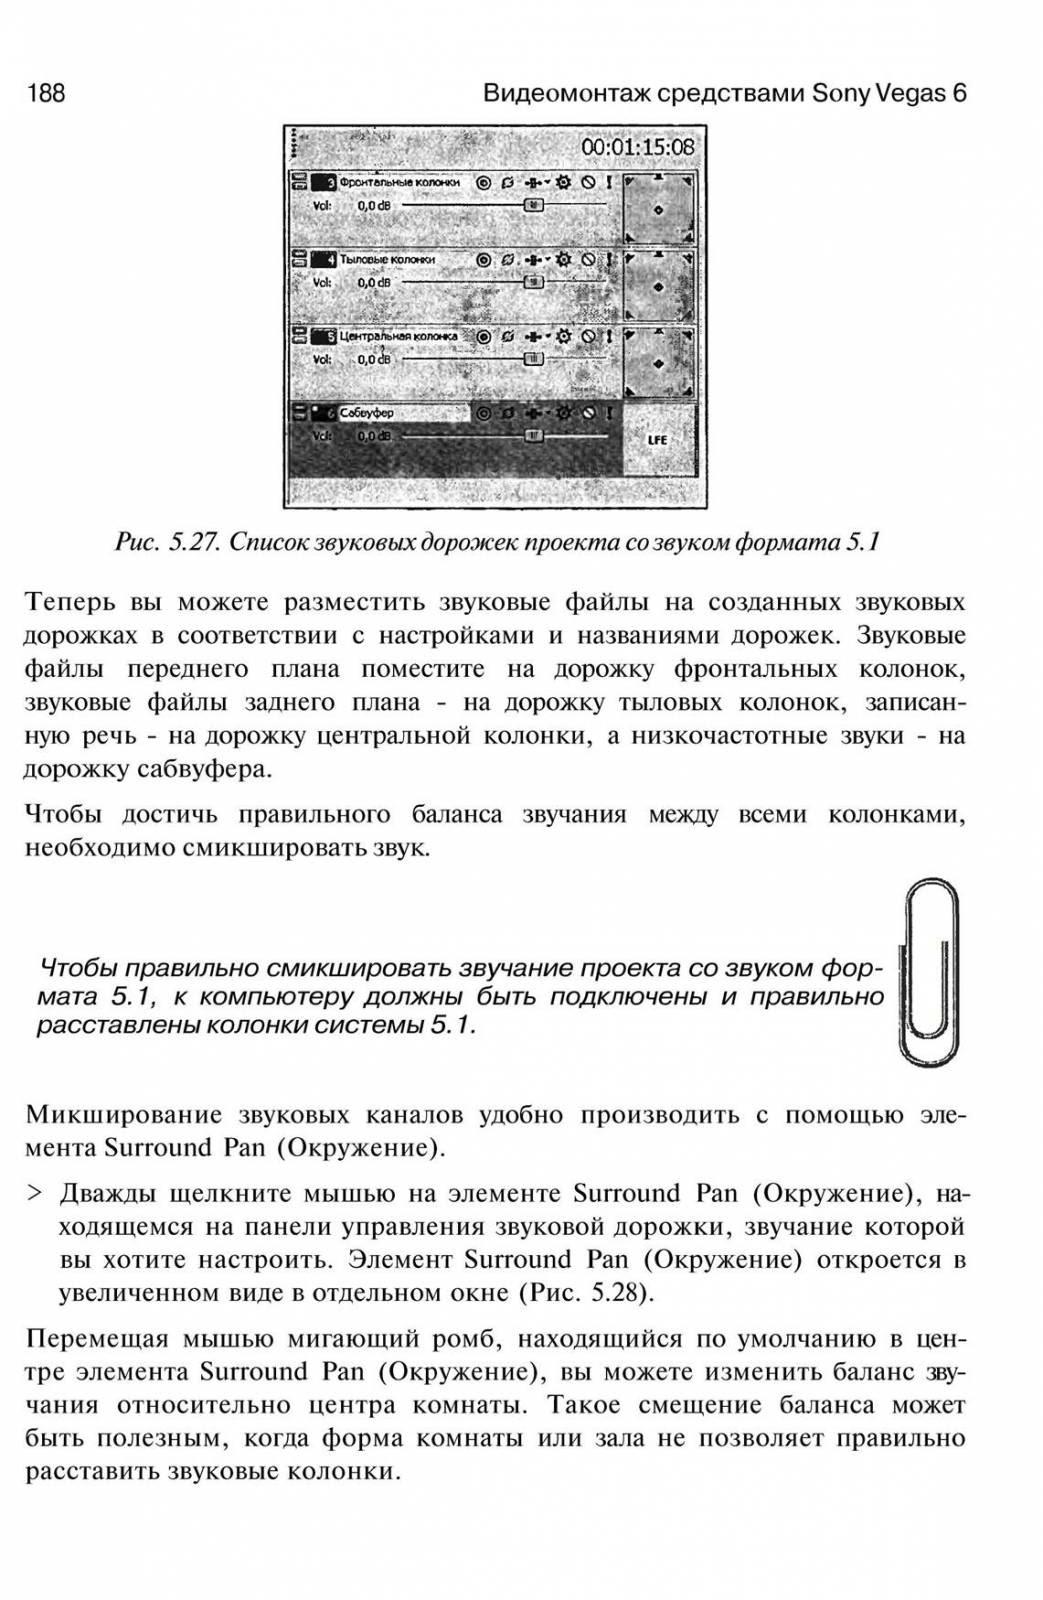 http://redaktori-uroki.3dn.ru/_ph/14/878813472.jpg